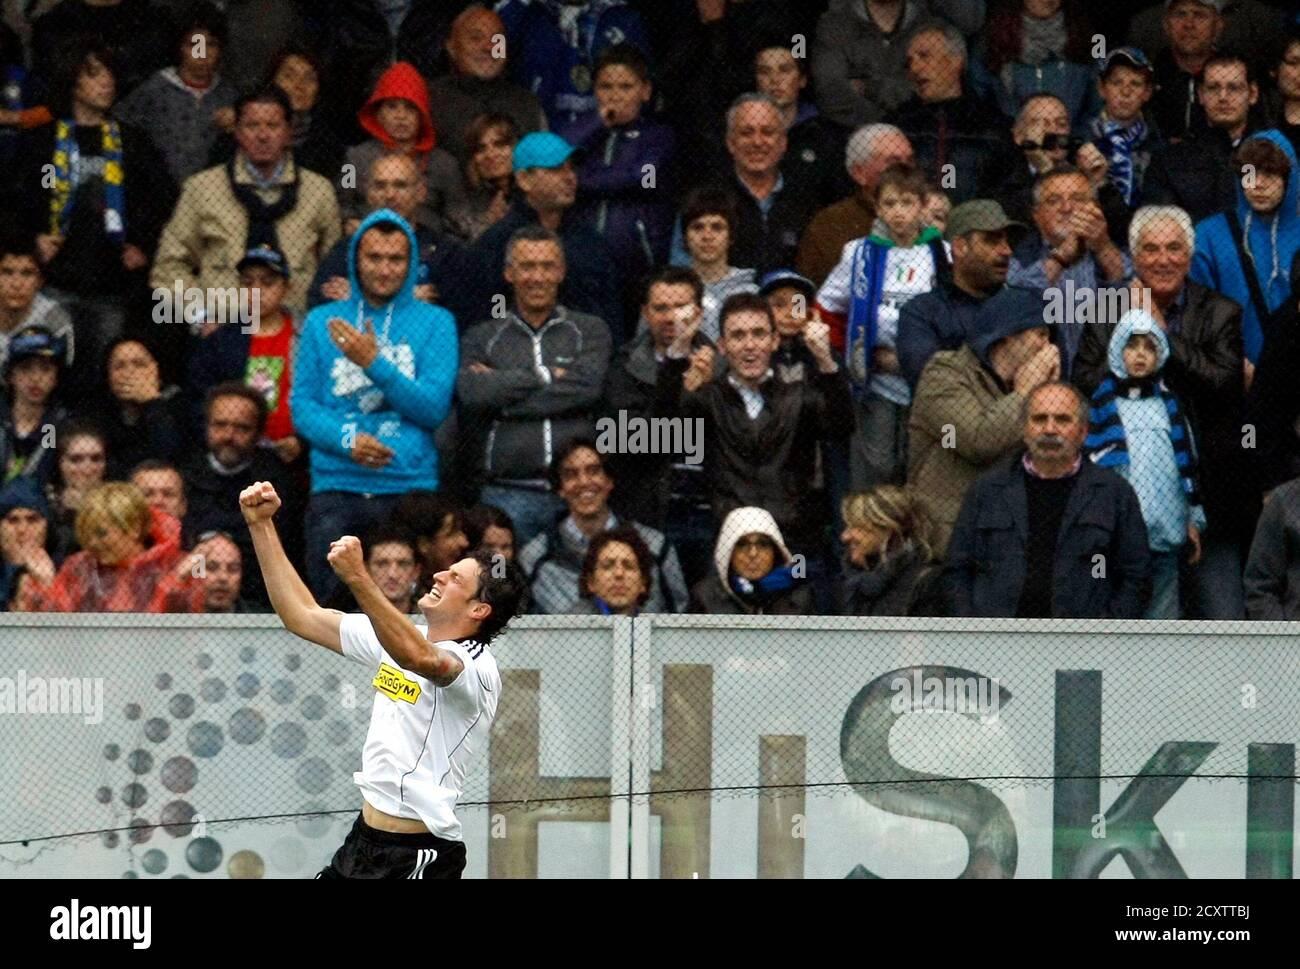 Igor Buden de Cesena célèbre après avoir obtenu des scores contre l'Inter Milan lors de leur match de football de la série italienne au stade Manuzzi de Cesena le 30 avril 2011. REUTERS/Alessandro Garofalo (ITALIE SPORT - Tags: SPORT FOOTBALL) Banque D'Images